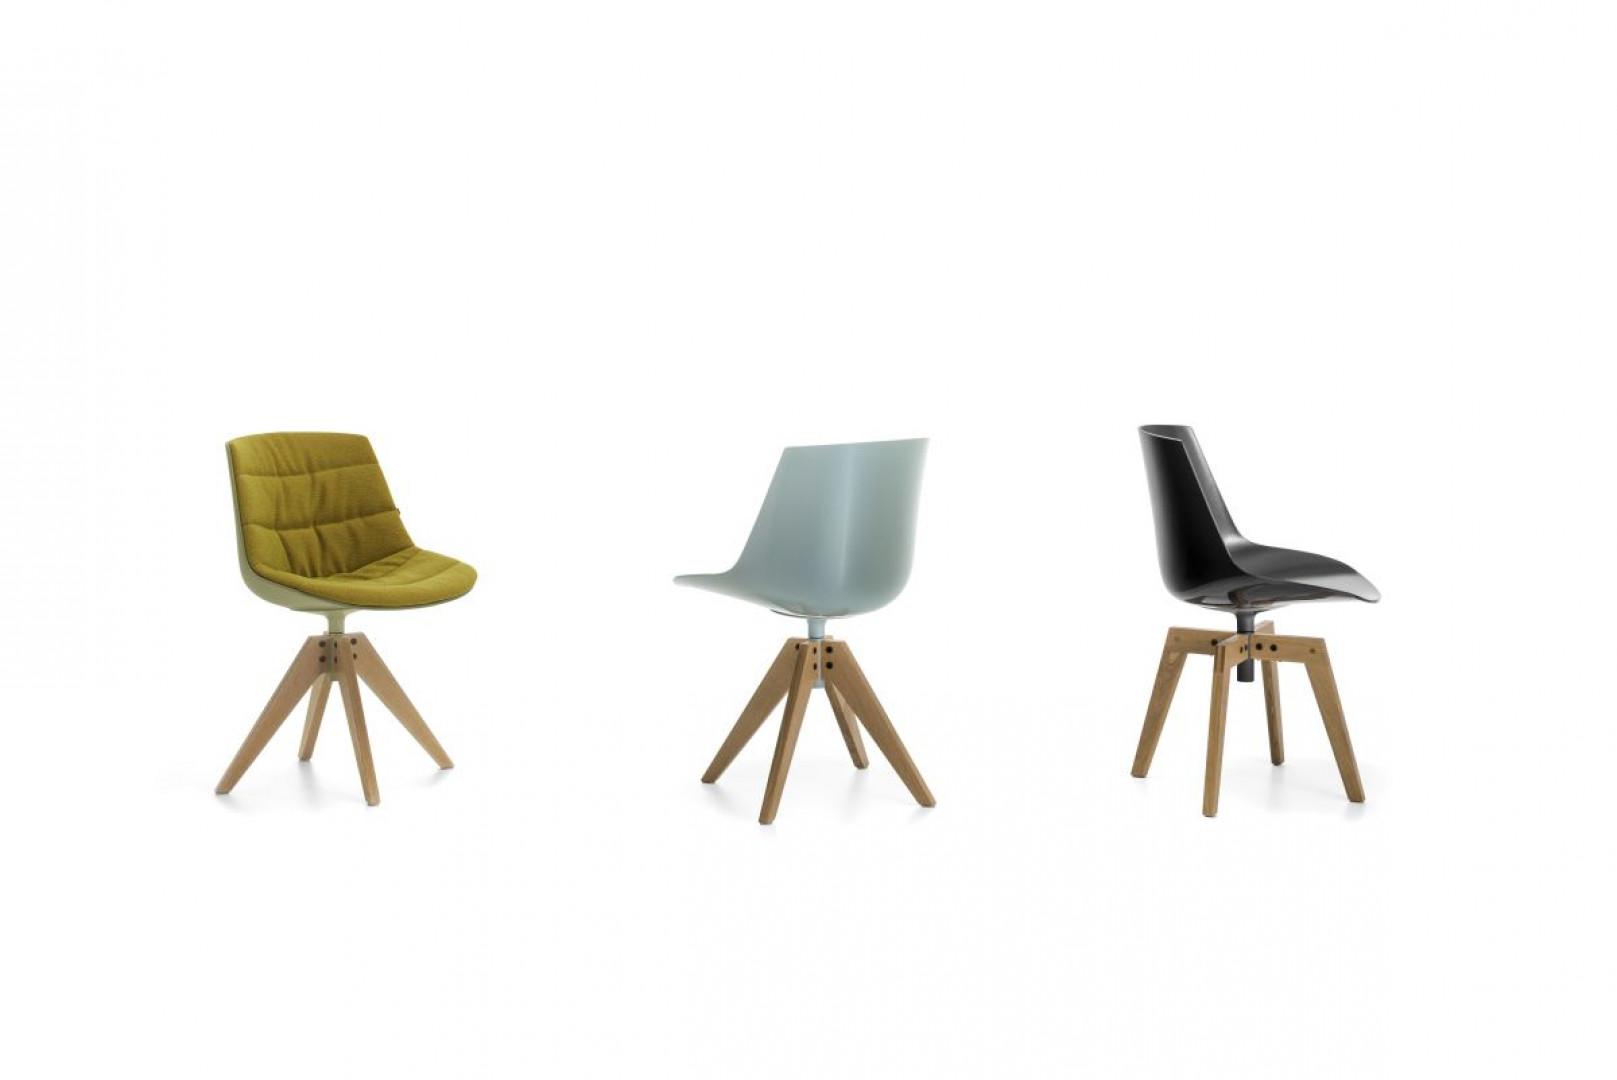 """Krzesło """"Flow Color"""" firmy MDF Italia. Fot. MDF Italia"""